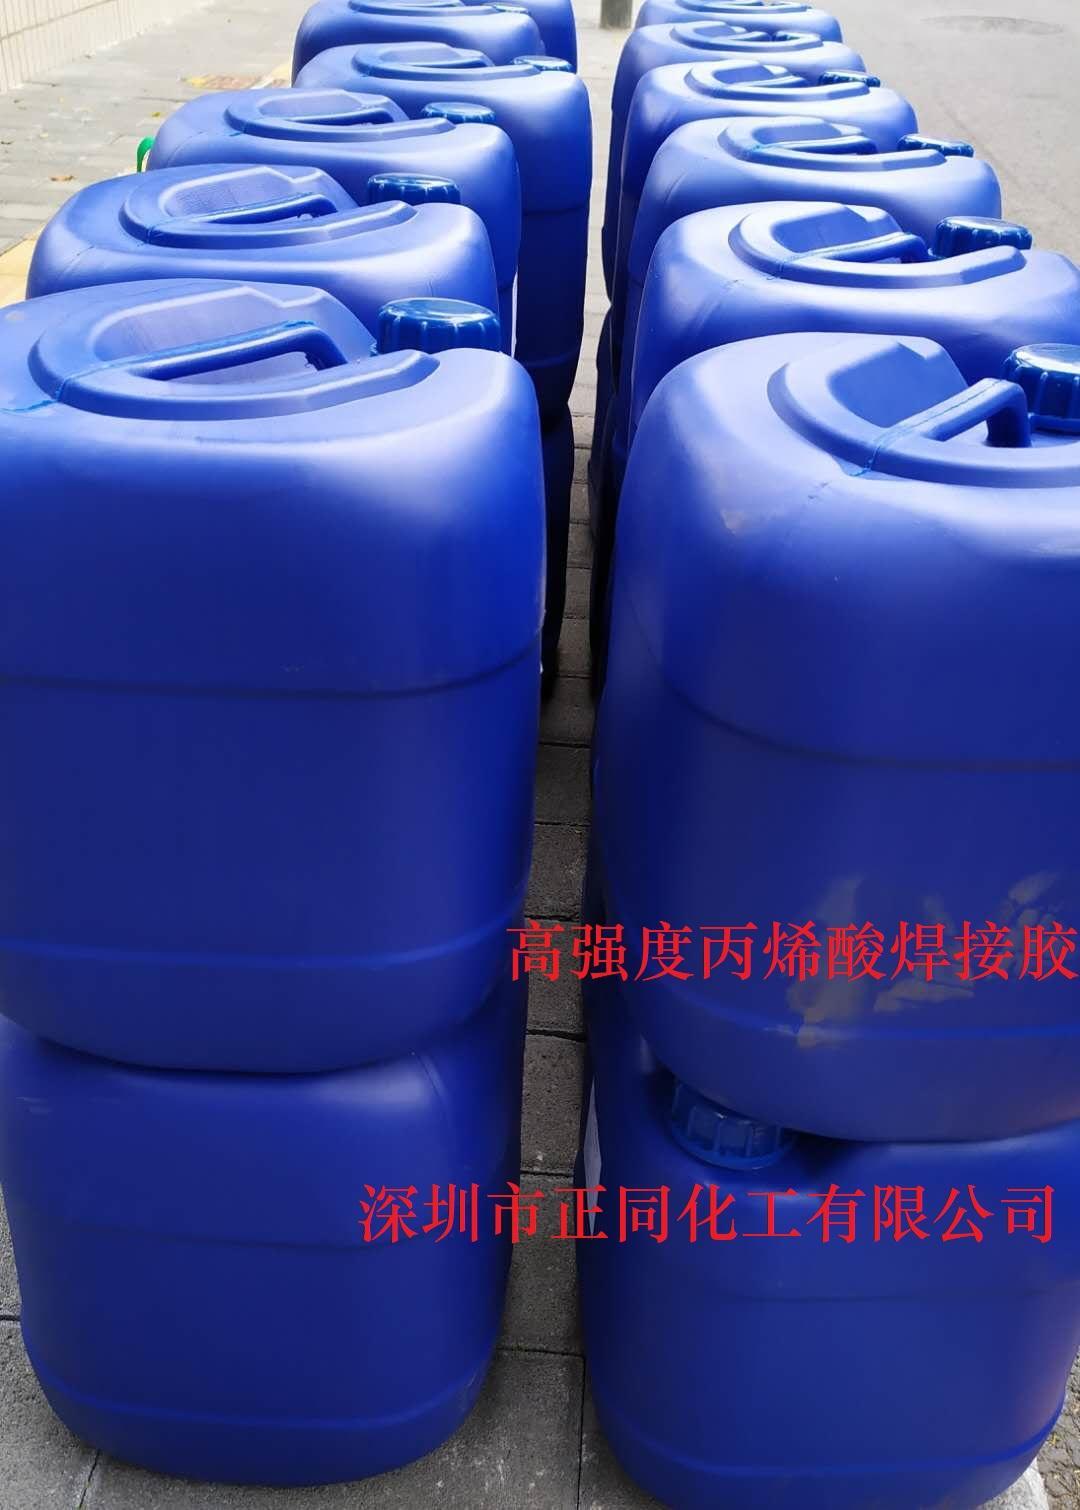 丙烯酸结构胶  AB-606 1